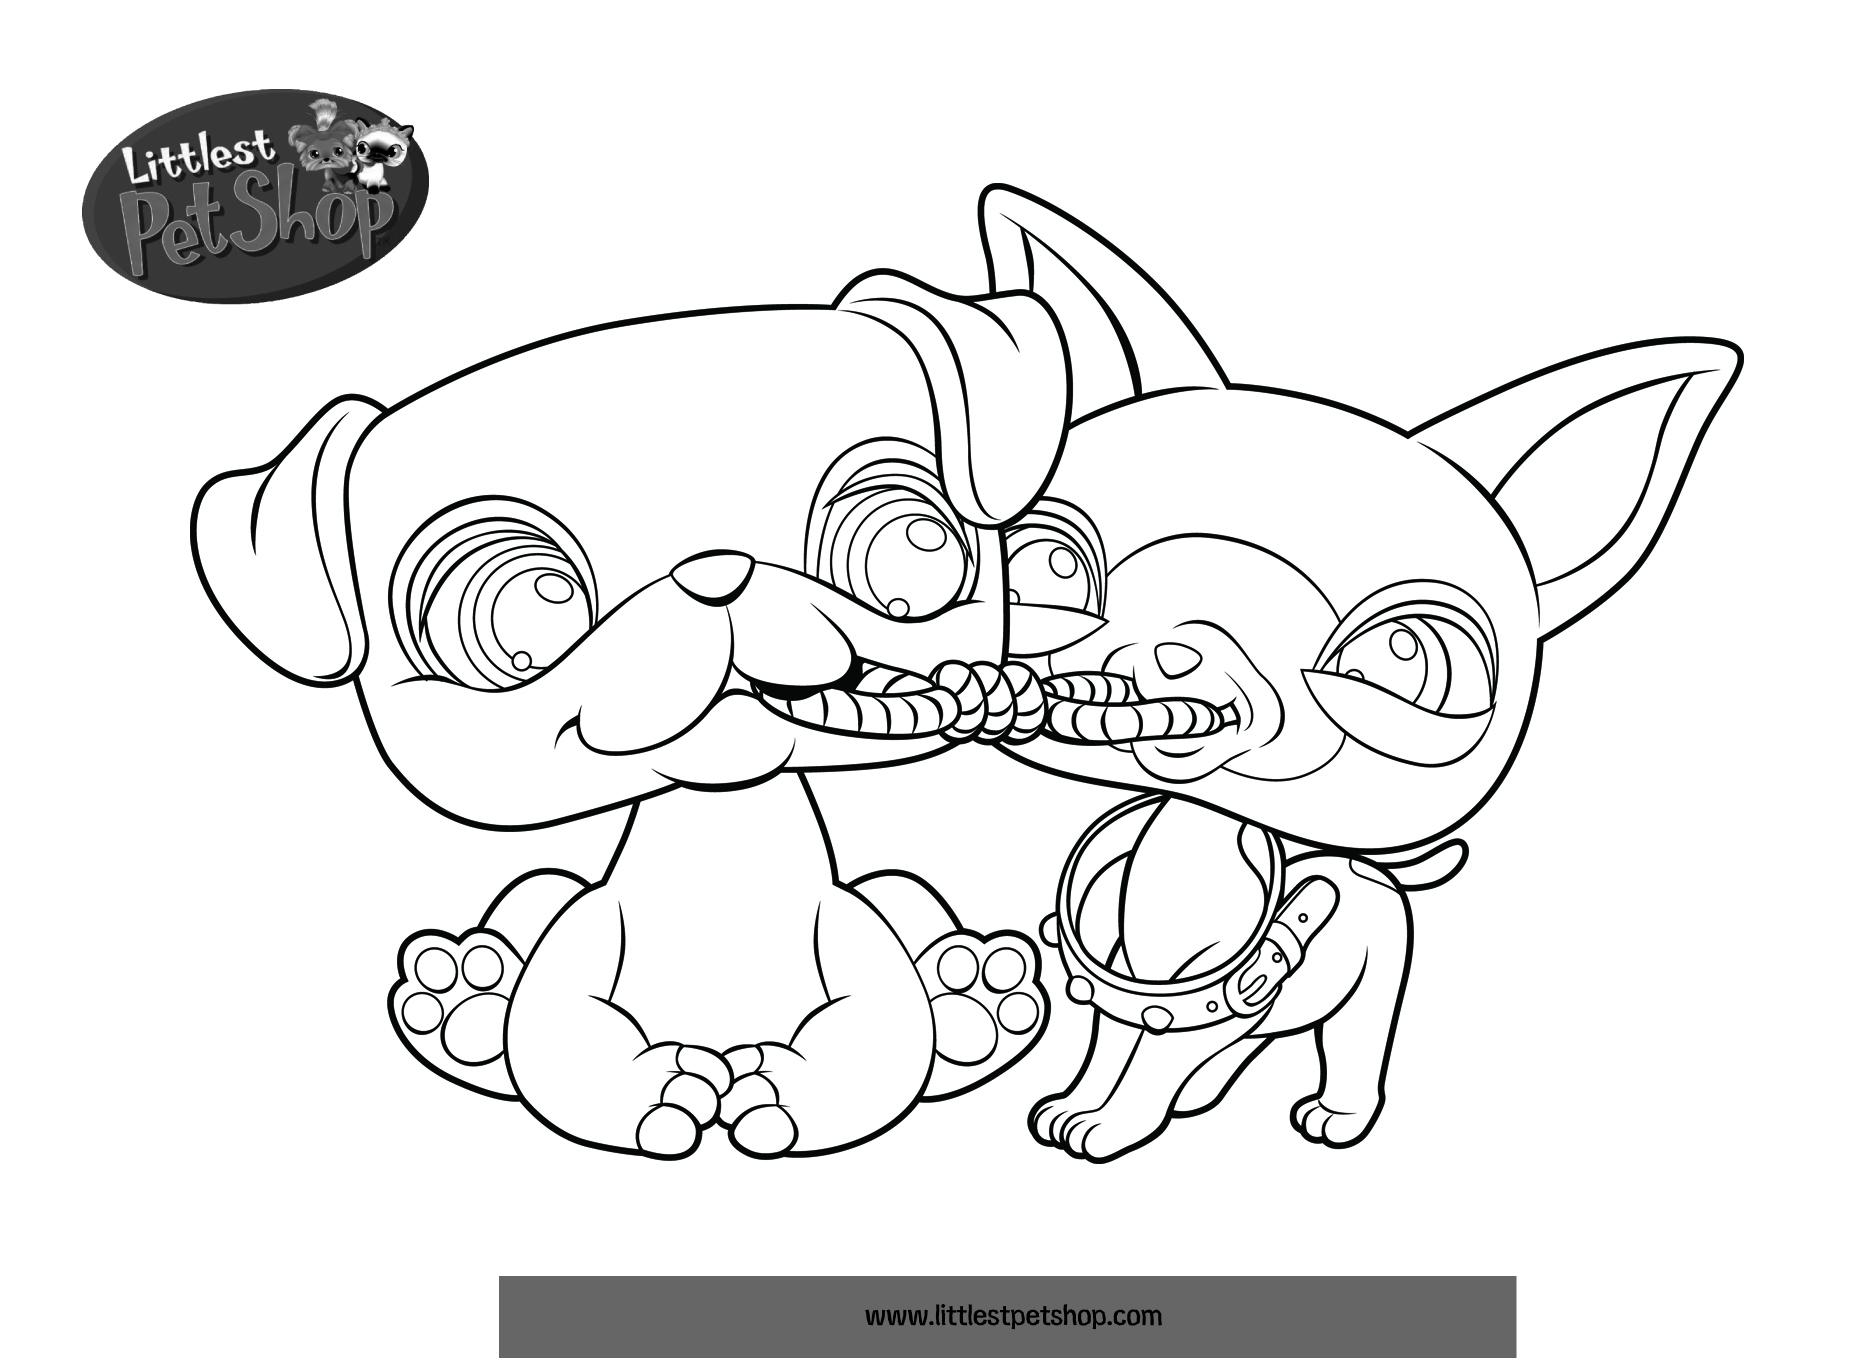 11 dessins de coloriage littlest petshop a imprimer imprimer - Coloriage de petshop a imprimer gratuit ...